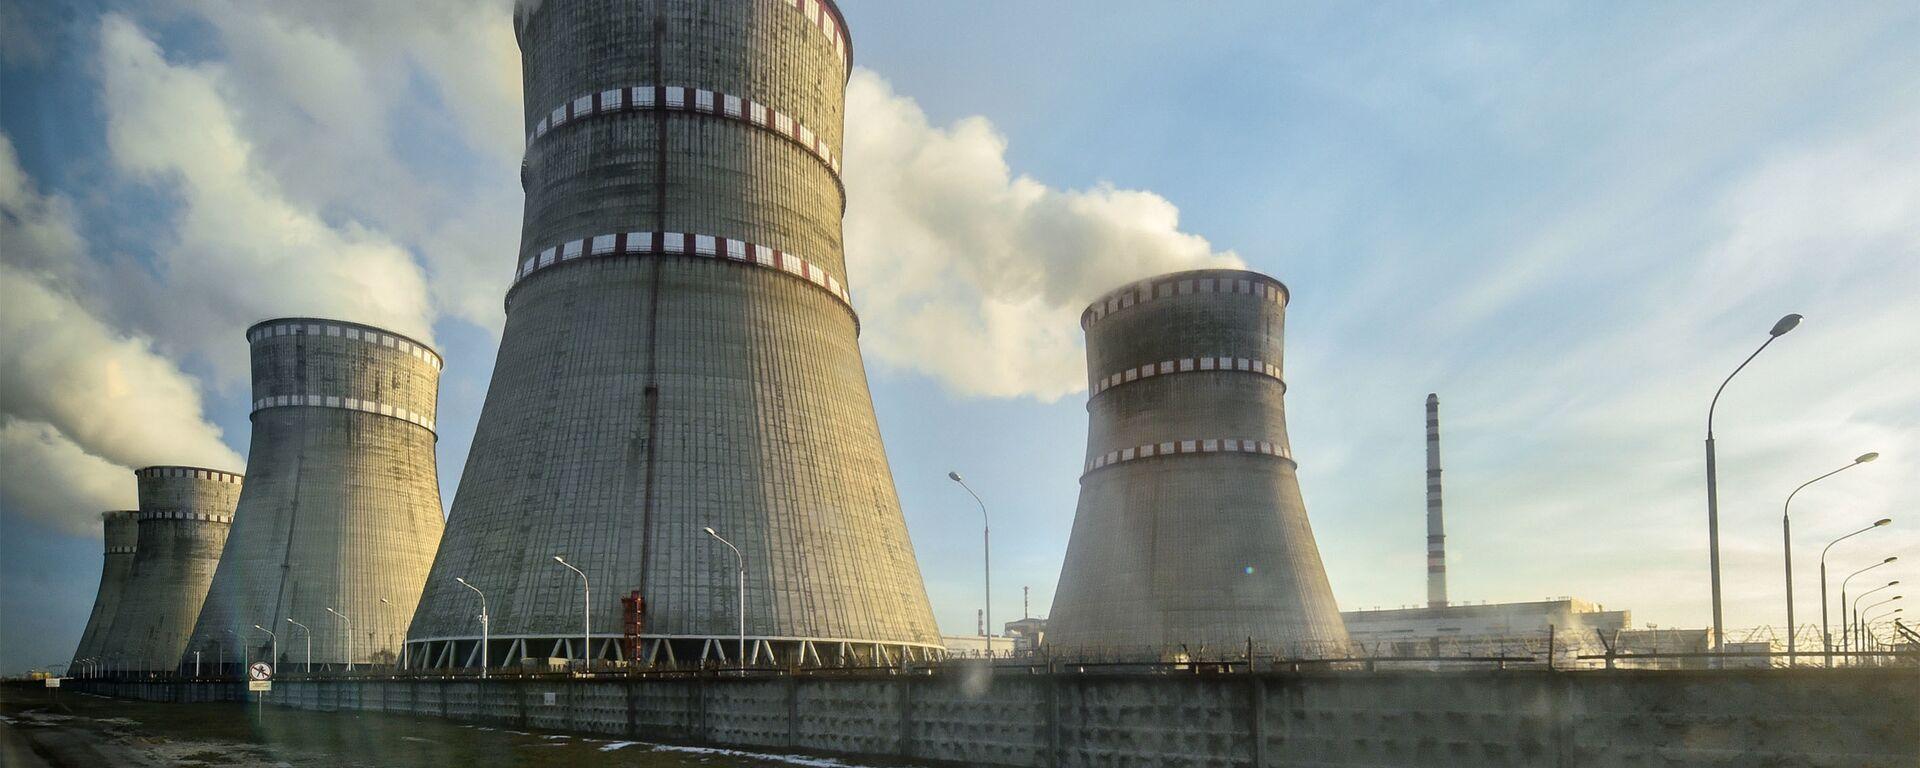 Ровенская атомная электростанция в Кузнецовске. - Sputnik Латвия, 1920, 04.08.2021